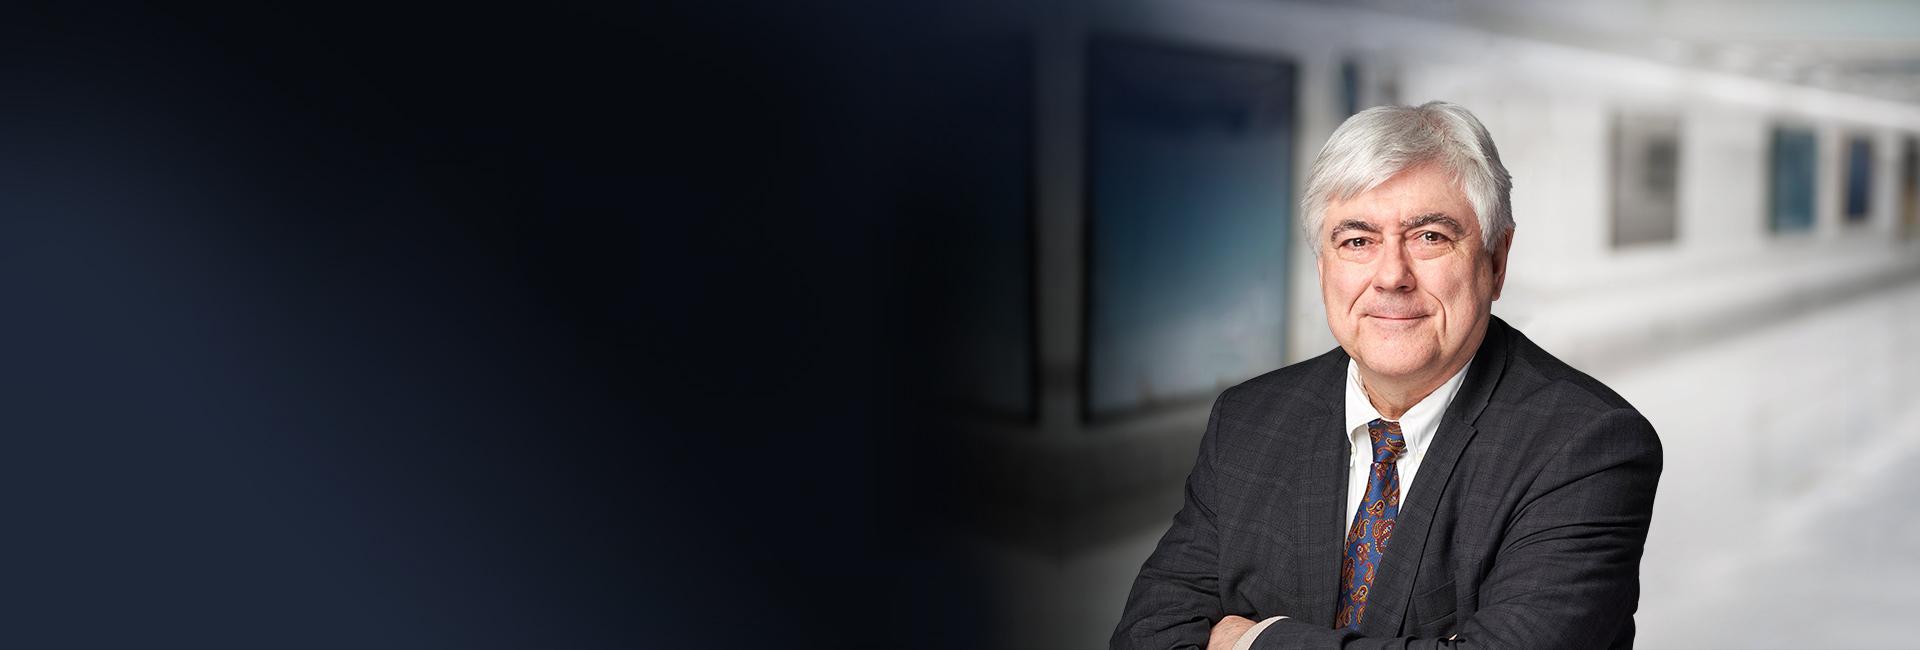 Paul Van de Perre: Director <em>(1)</em>